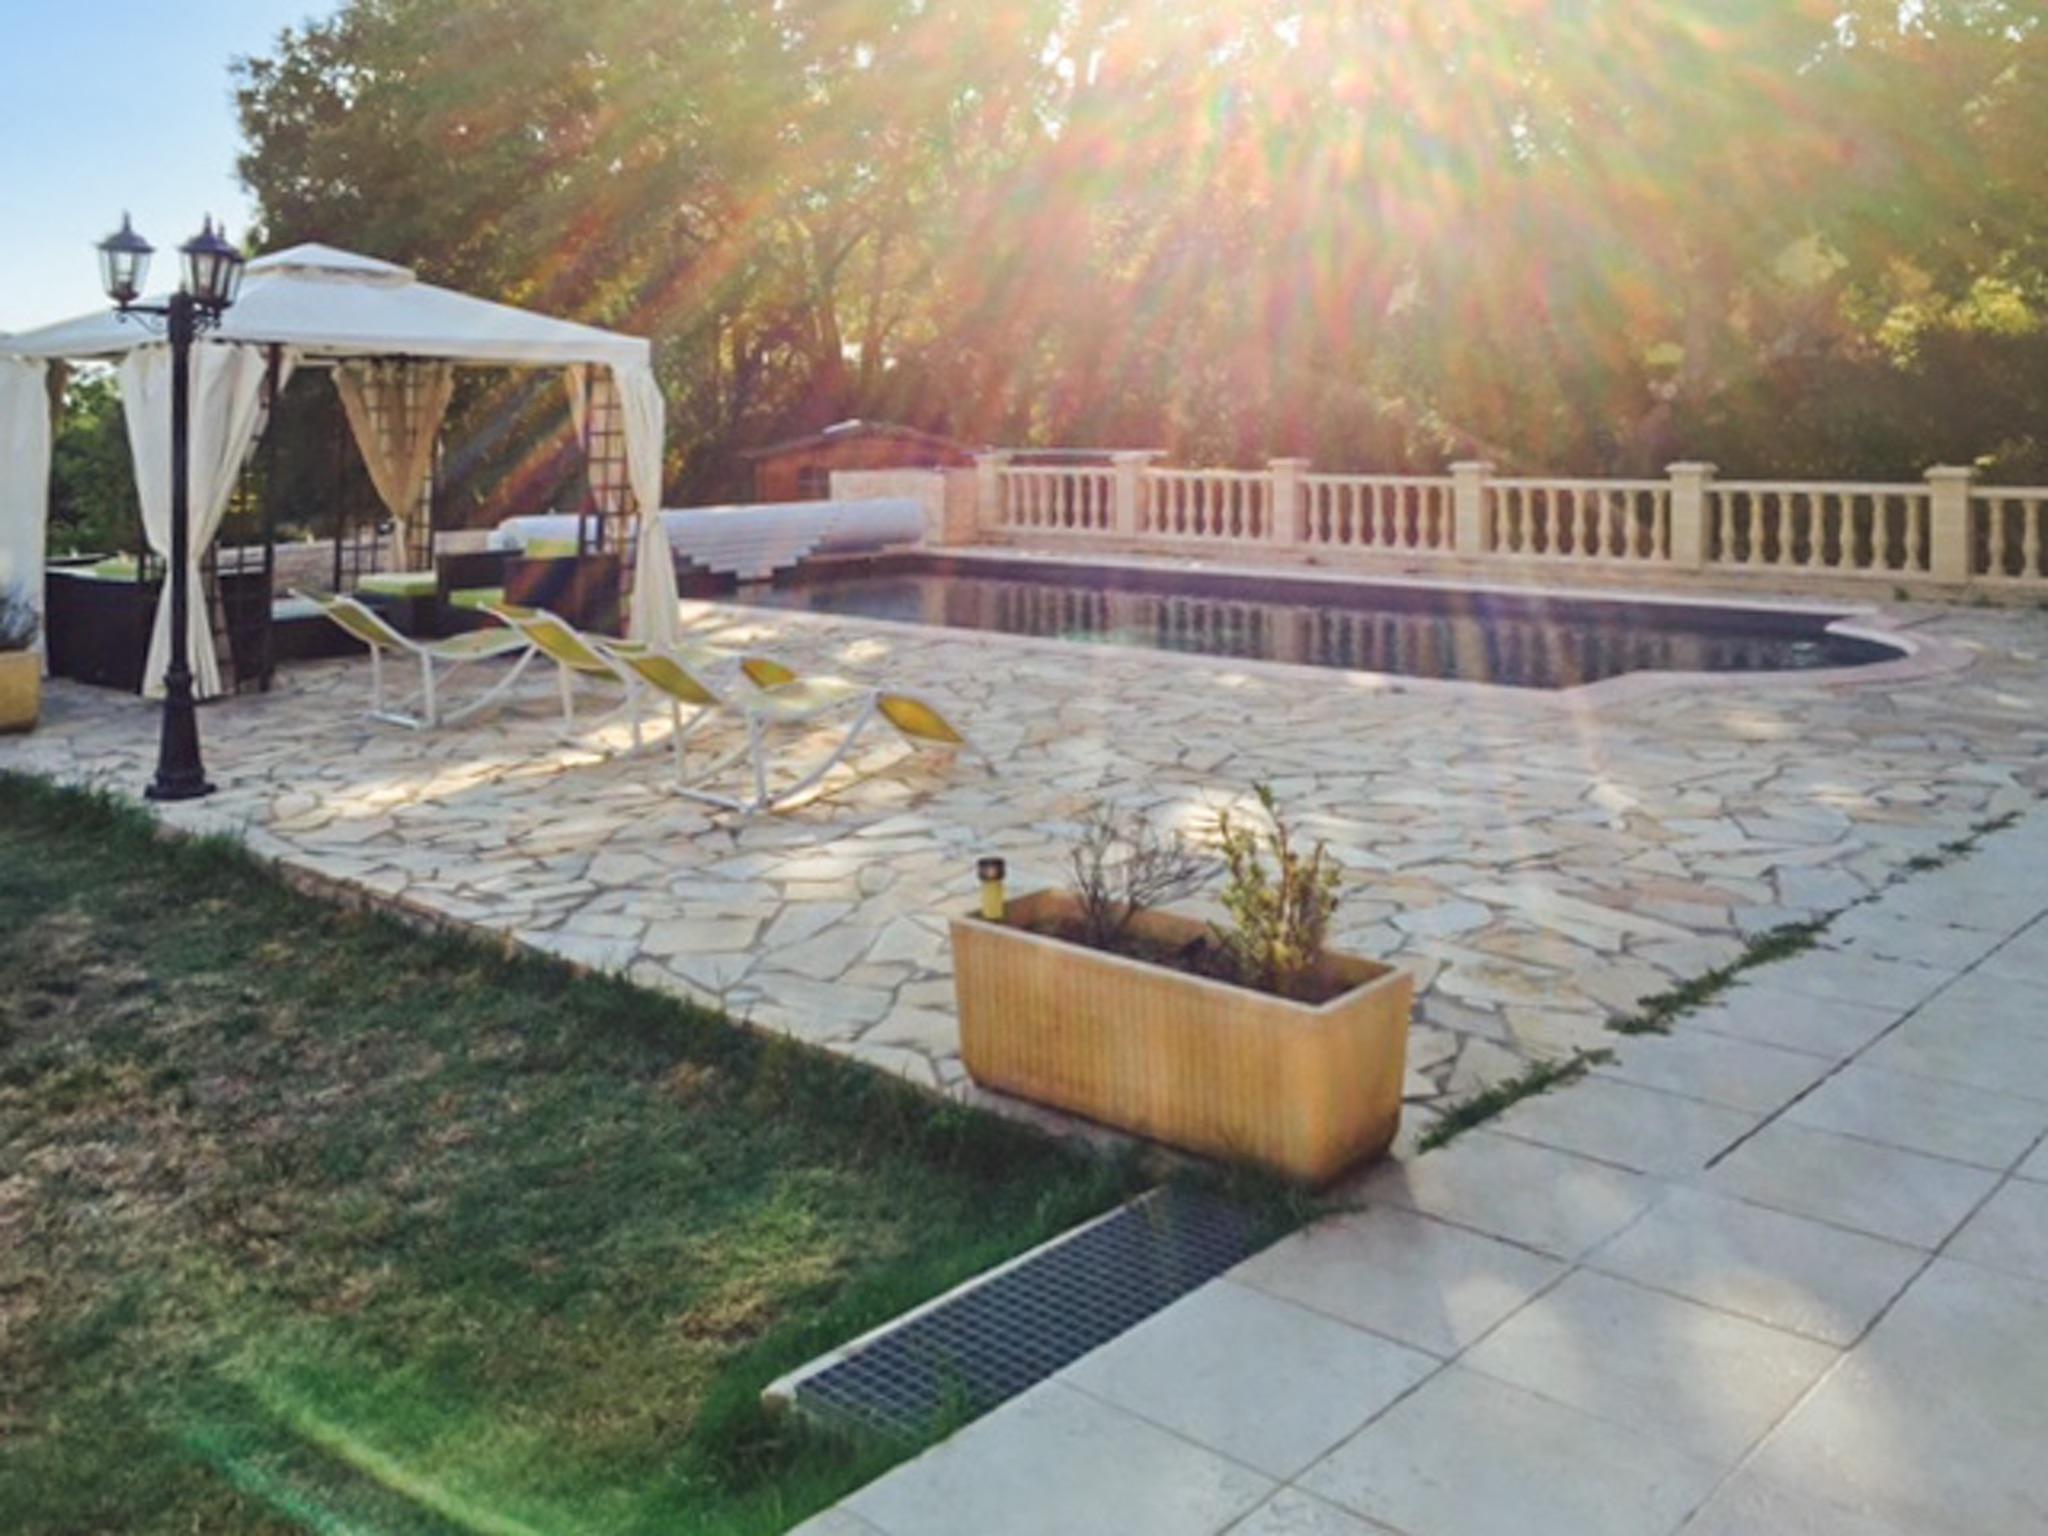 Ferienhaus Haus mit drei Schlafzimmern, Pool, Garten und Terrasse in der Luberon (2201928), Pertuis, Vaucluse, Provence - Alpen - Côte d'Azur, Frankreich, Bild 30